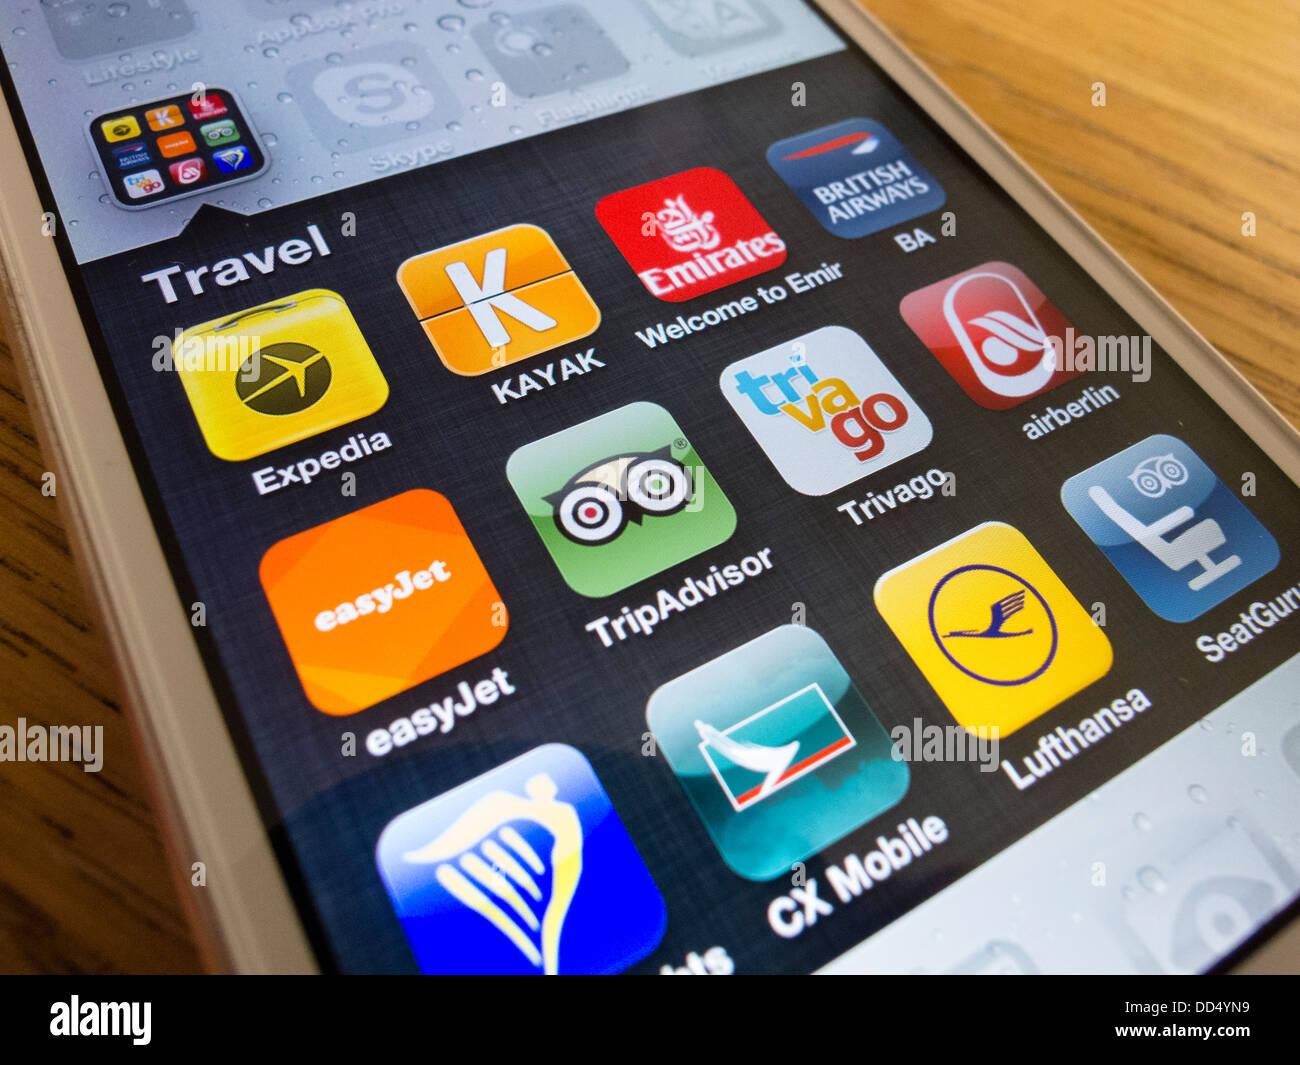 Detalle de muchas aplicaciones de viajes en un iPhone 5 teléfono inteligente. Imagen De Stock